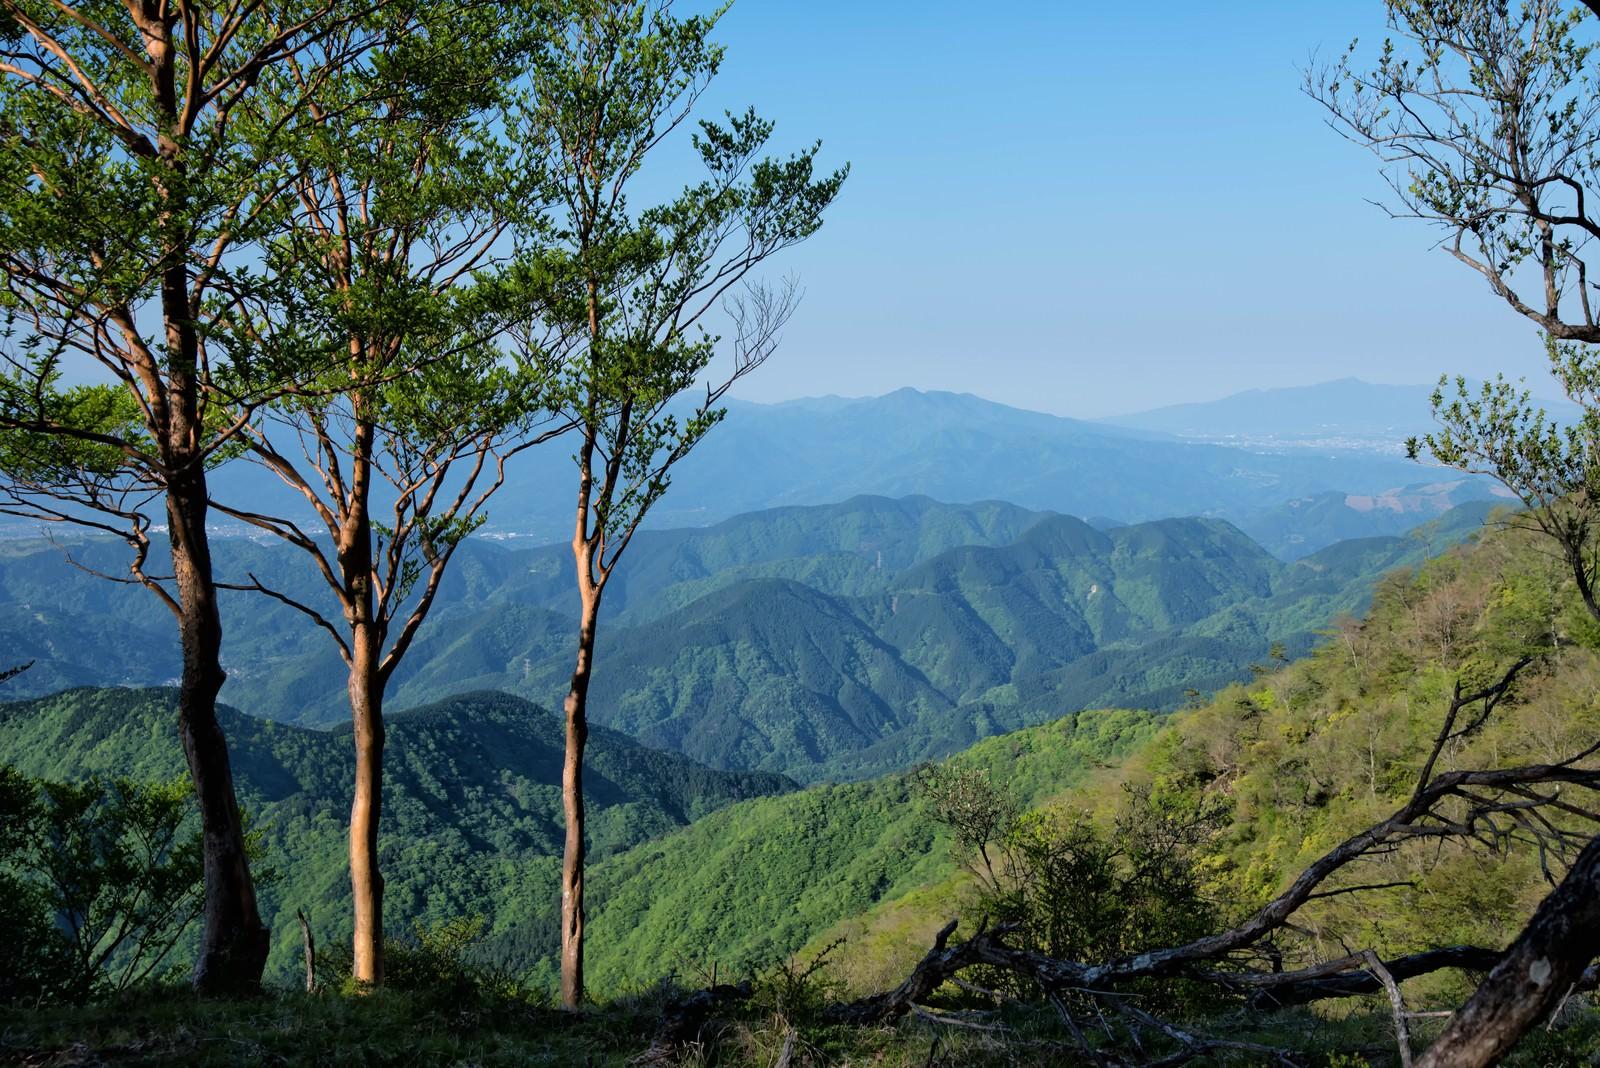 「霞がかる丹沢の山並み」の写真